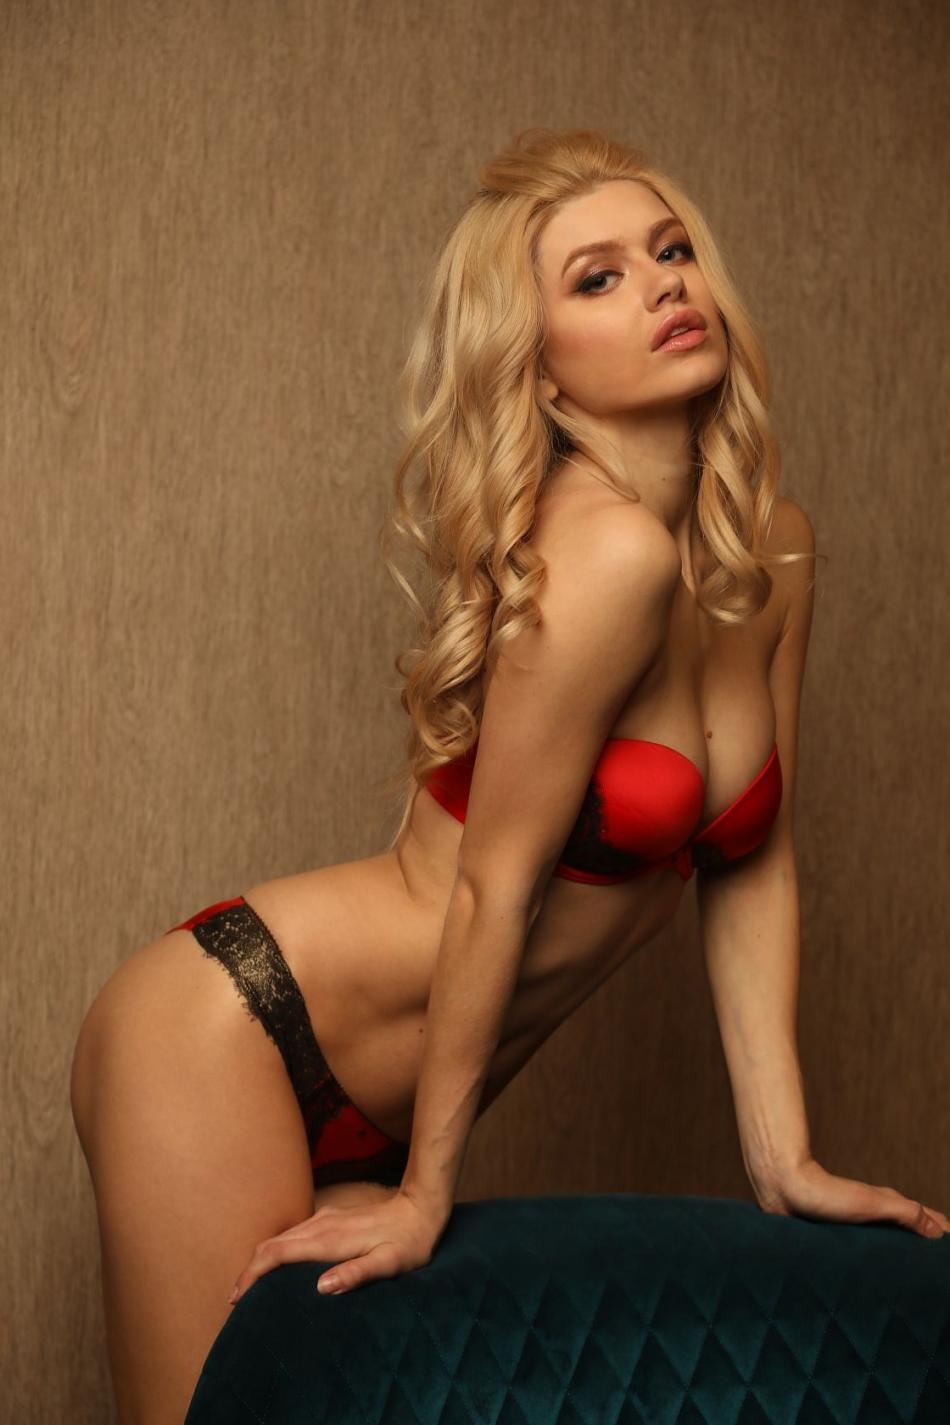 Ladyfordaddy.com Mia Escort Girl In New York 7700921 - 6 6